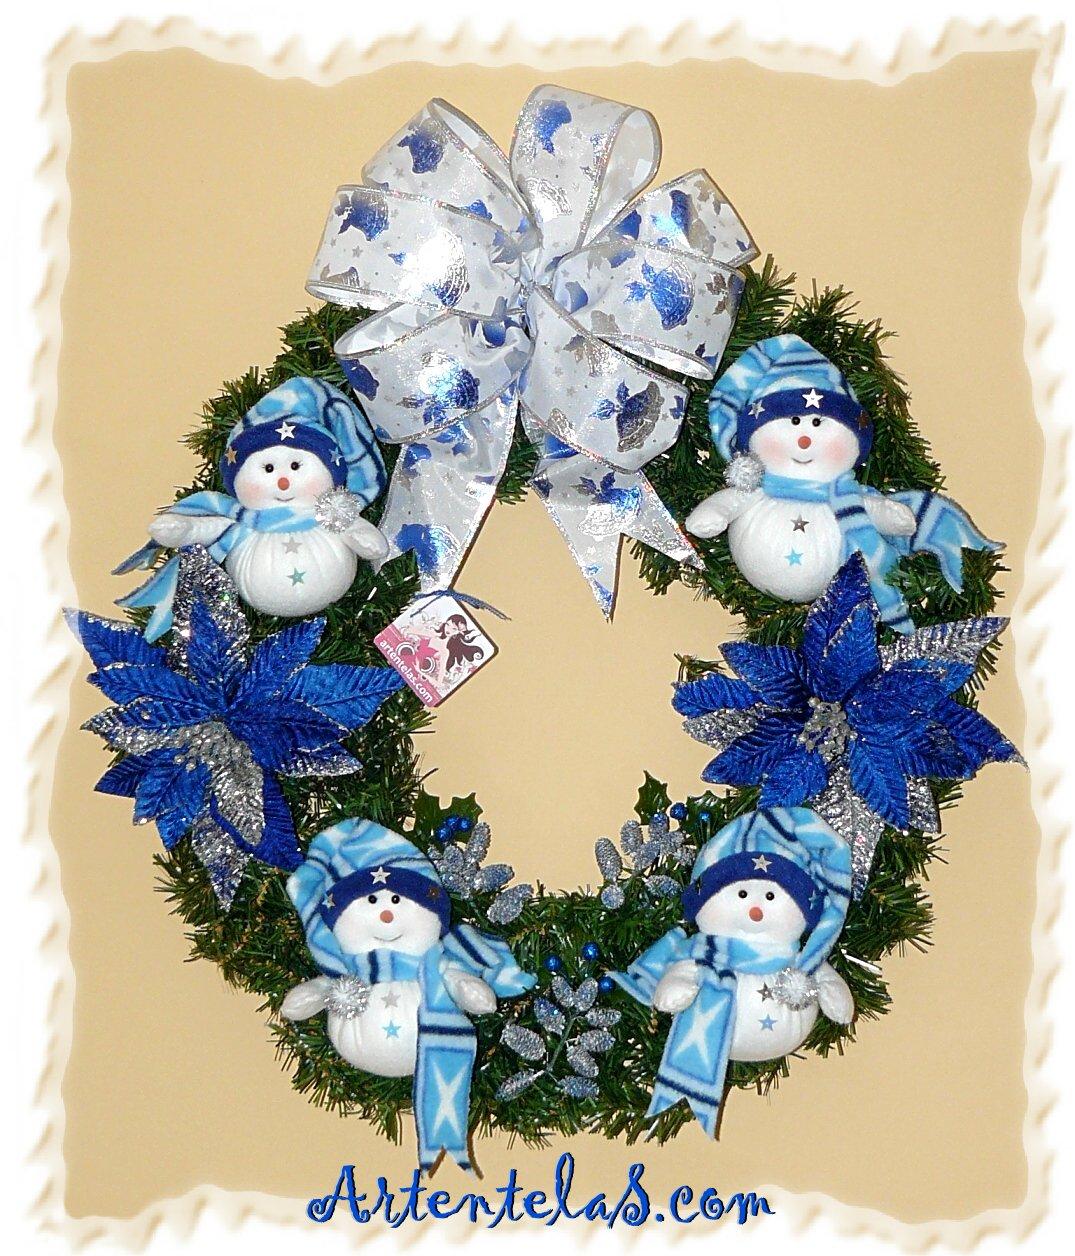 ... de dejarles esta corona navideña de hombrecitos de nieve que acabo de